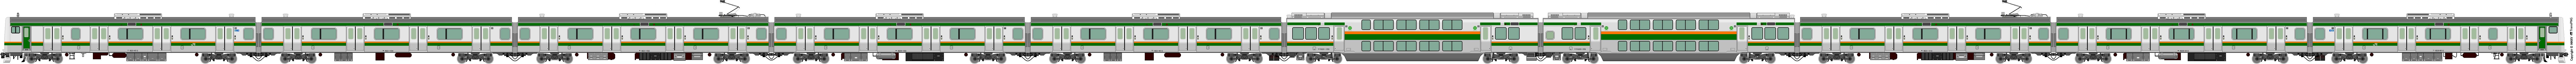 [5424] 東日本旅客鉄道 5424